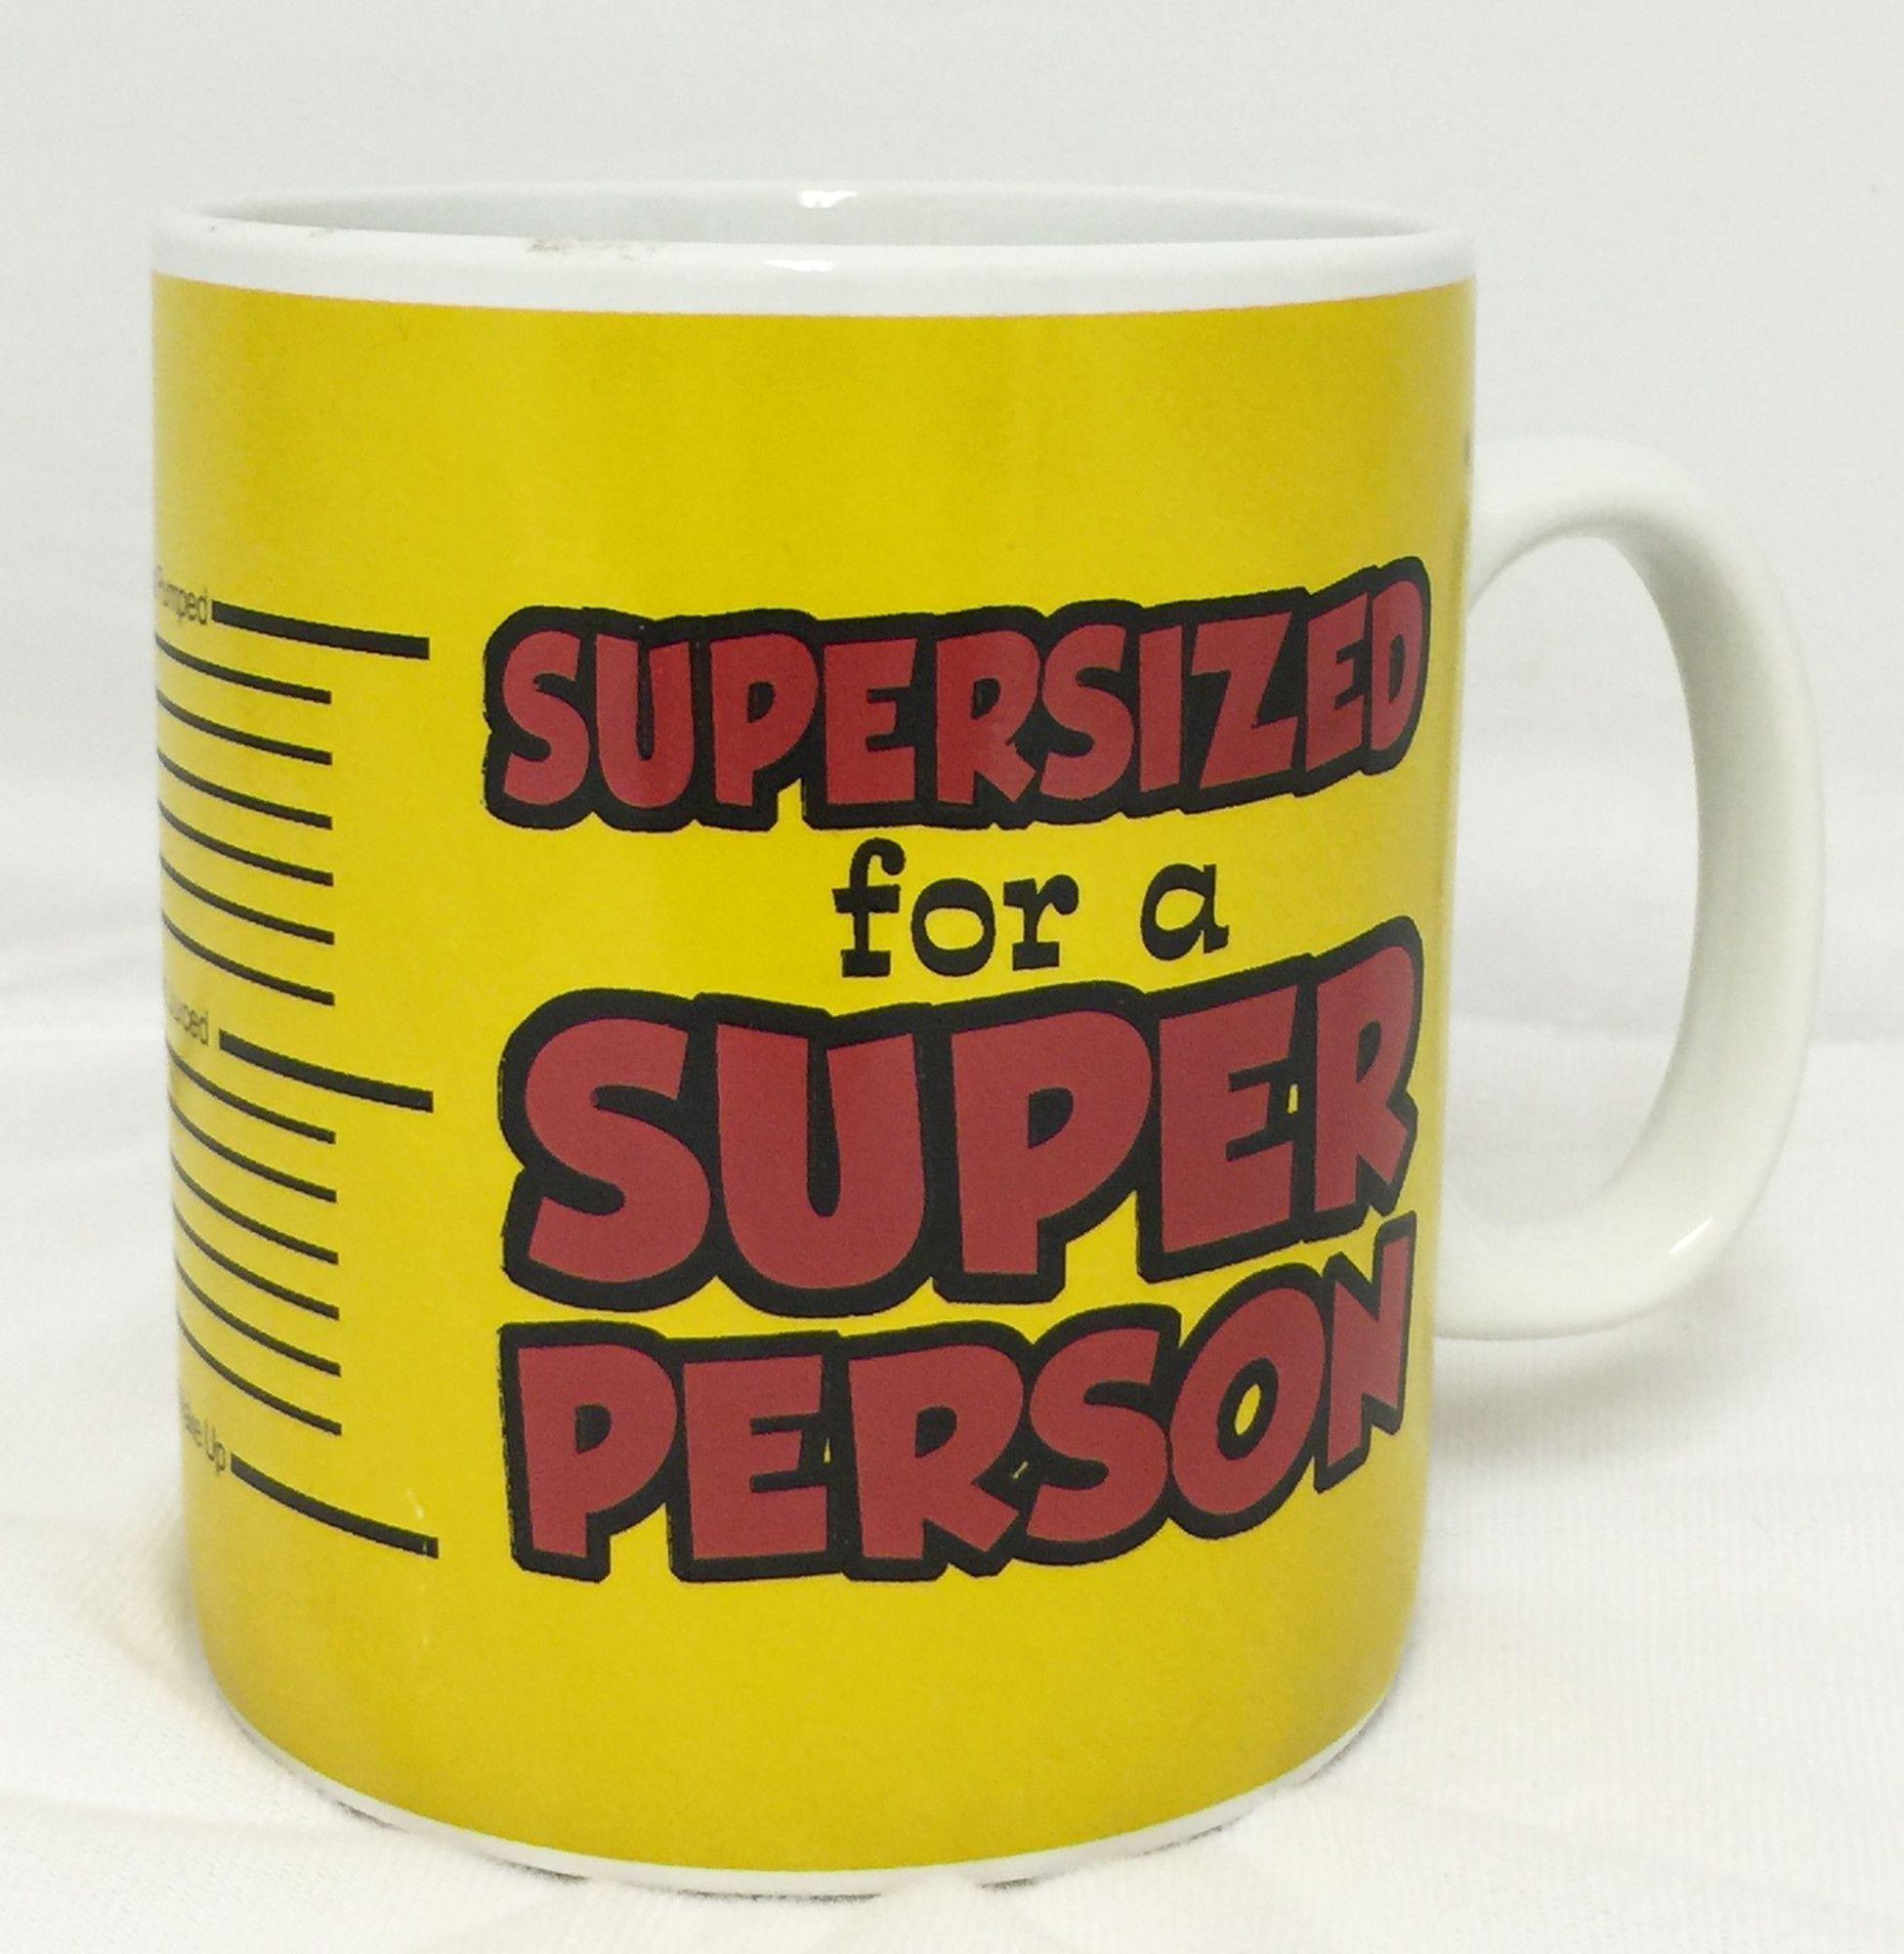 Mcwhorter 6 Piece Coffee Mug Set Mugs, Tea cups, Ceramic